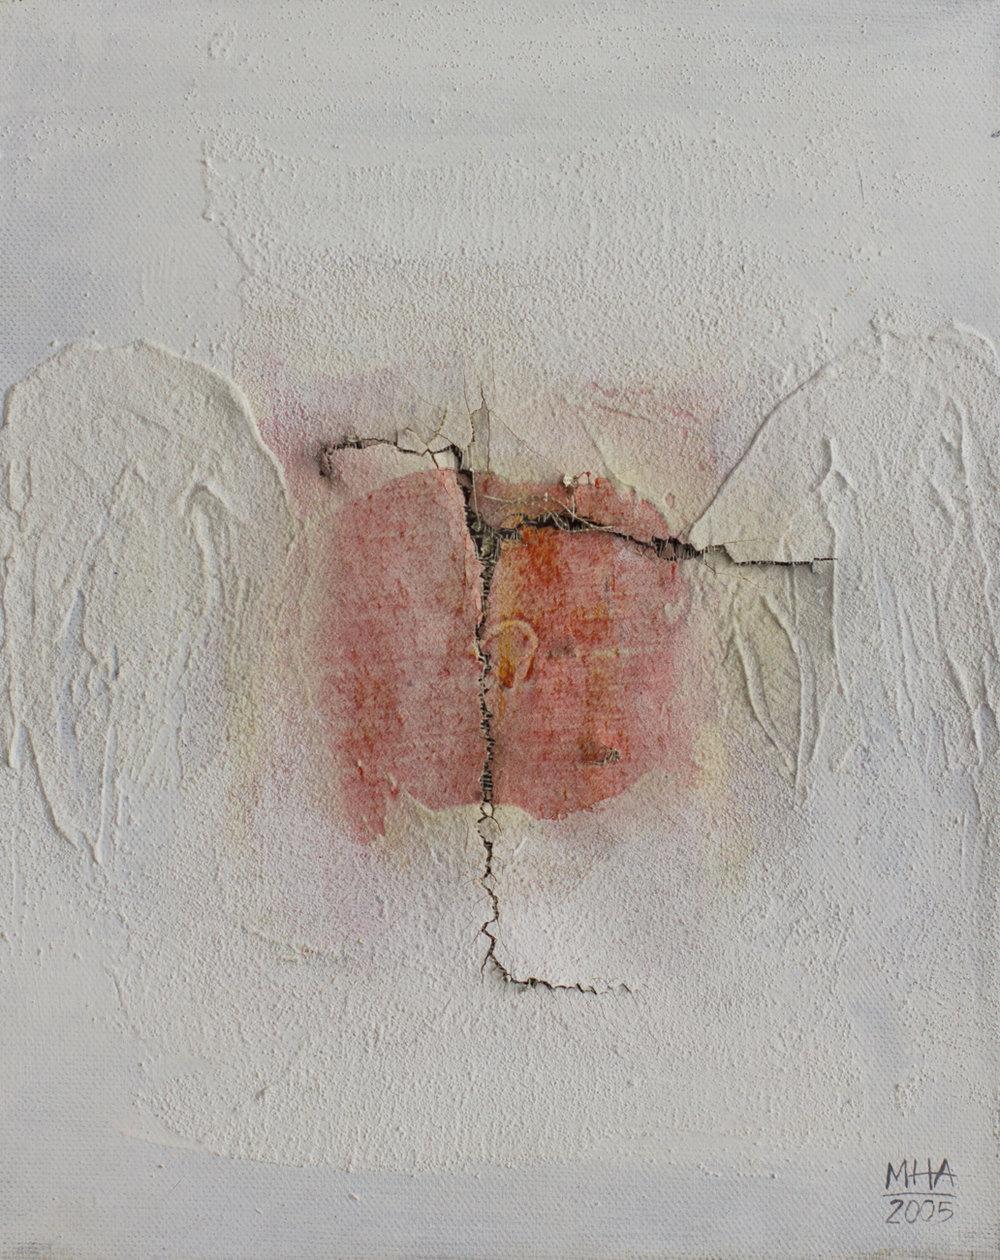 zerstört , 2005,Collage mit Acryl auf Leinwand, 24x30 cm